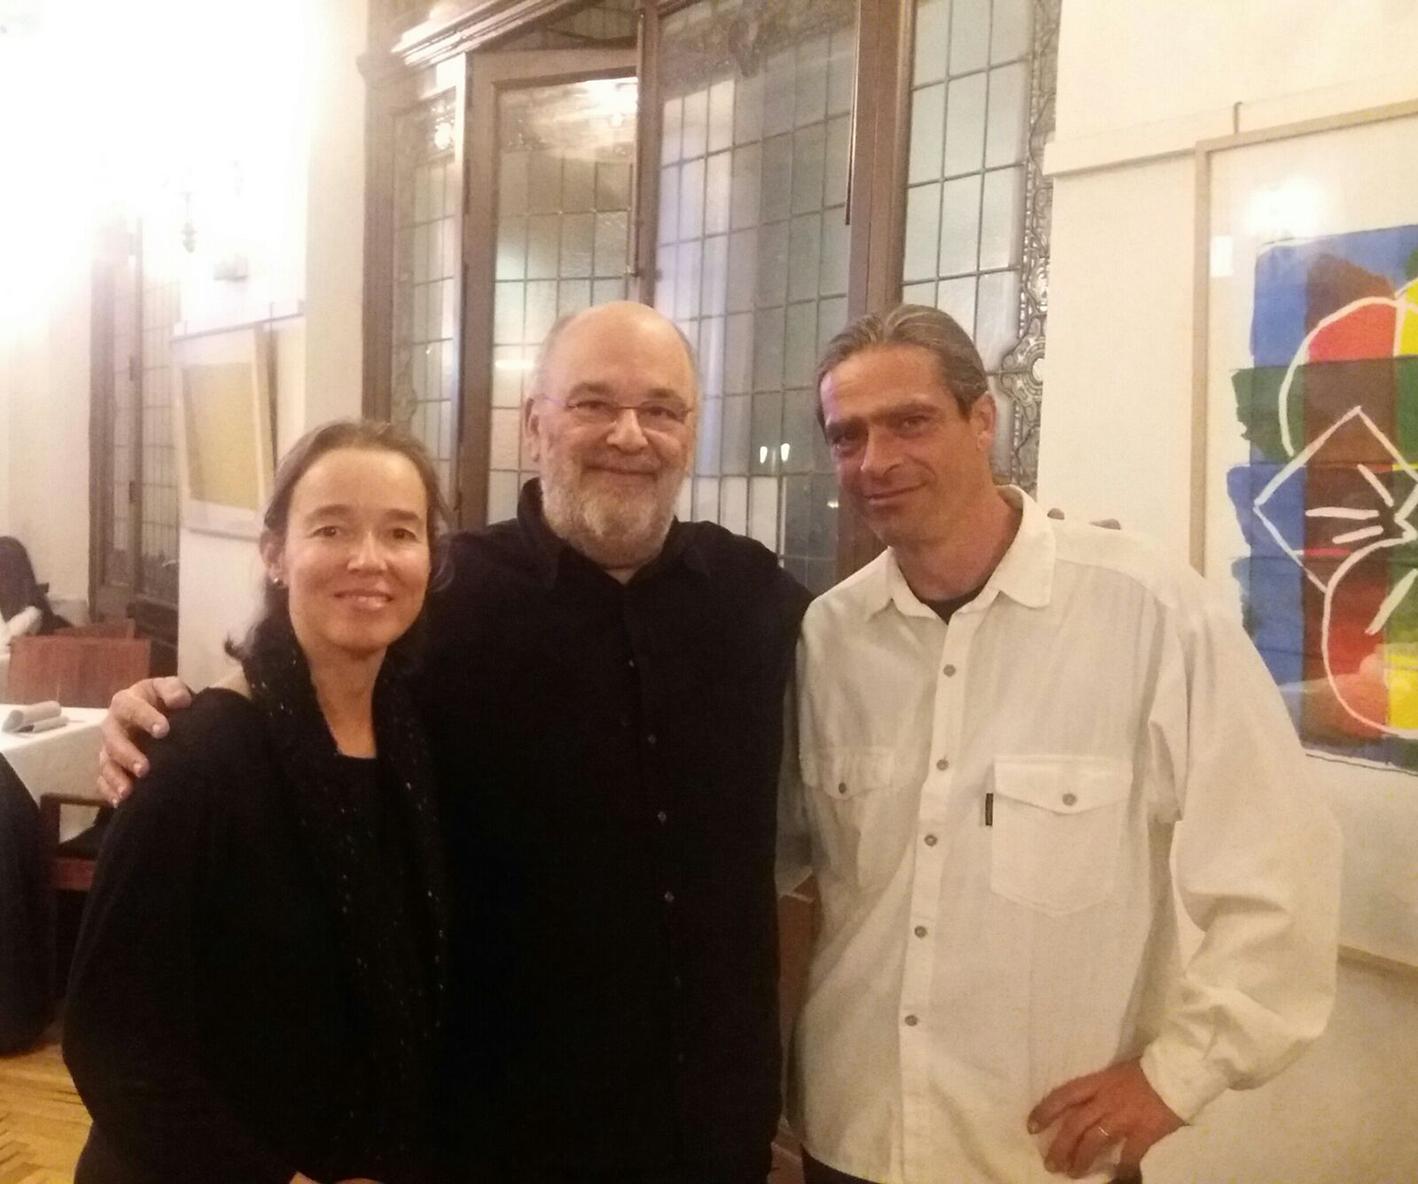 Carmen Ros, Jaques Morelenbaum y Julio García, después de la grabación del CD Atlântica  (Vassalo)